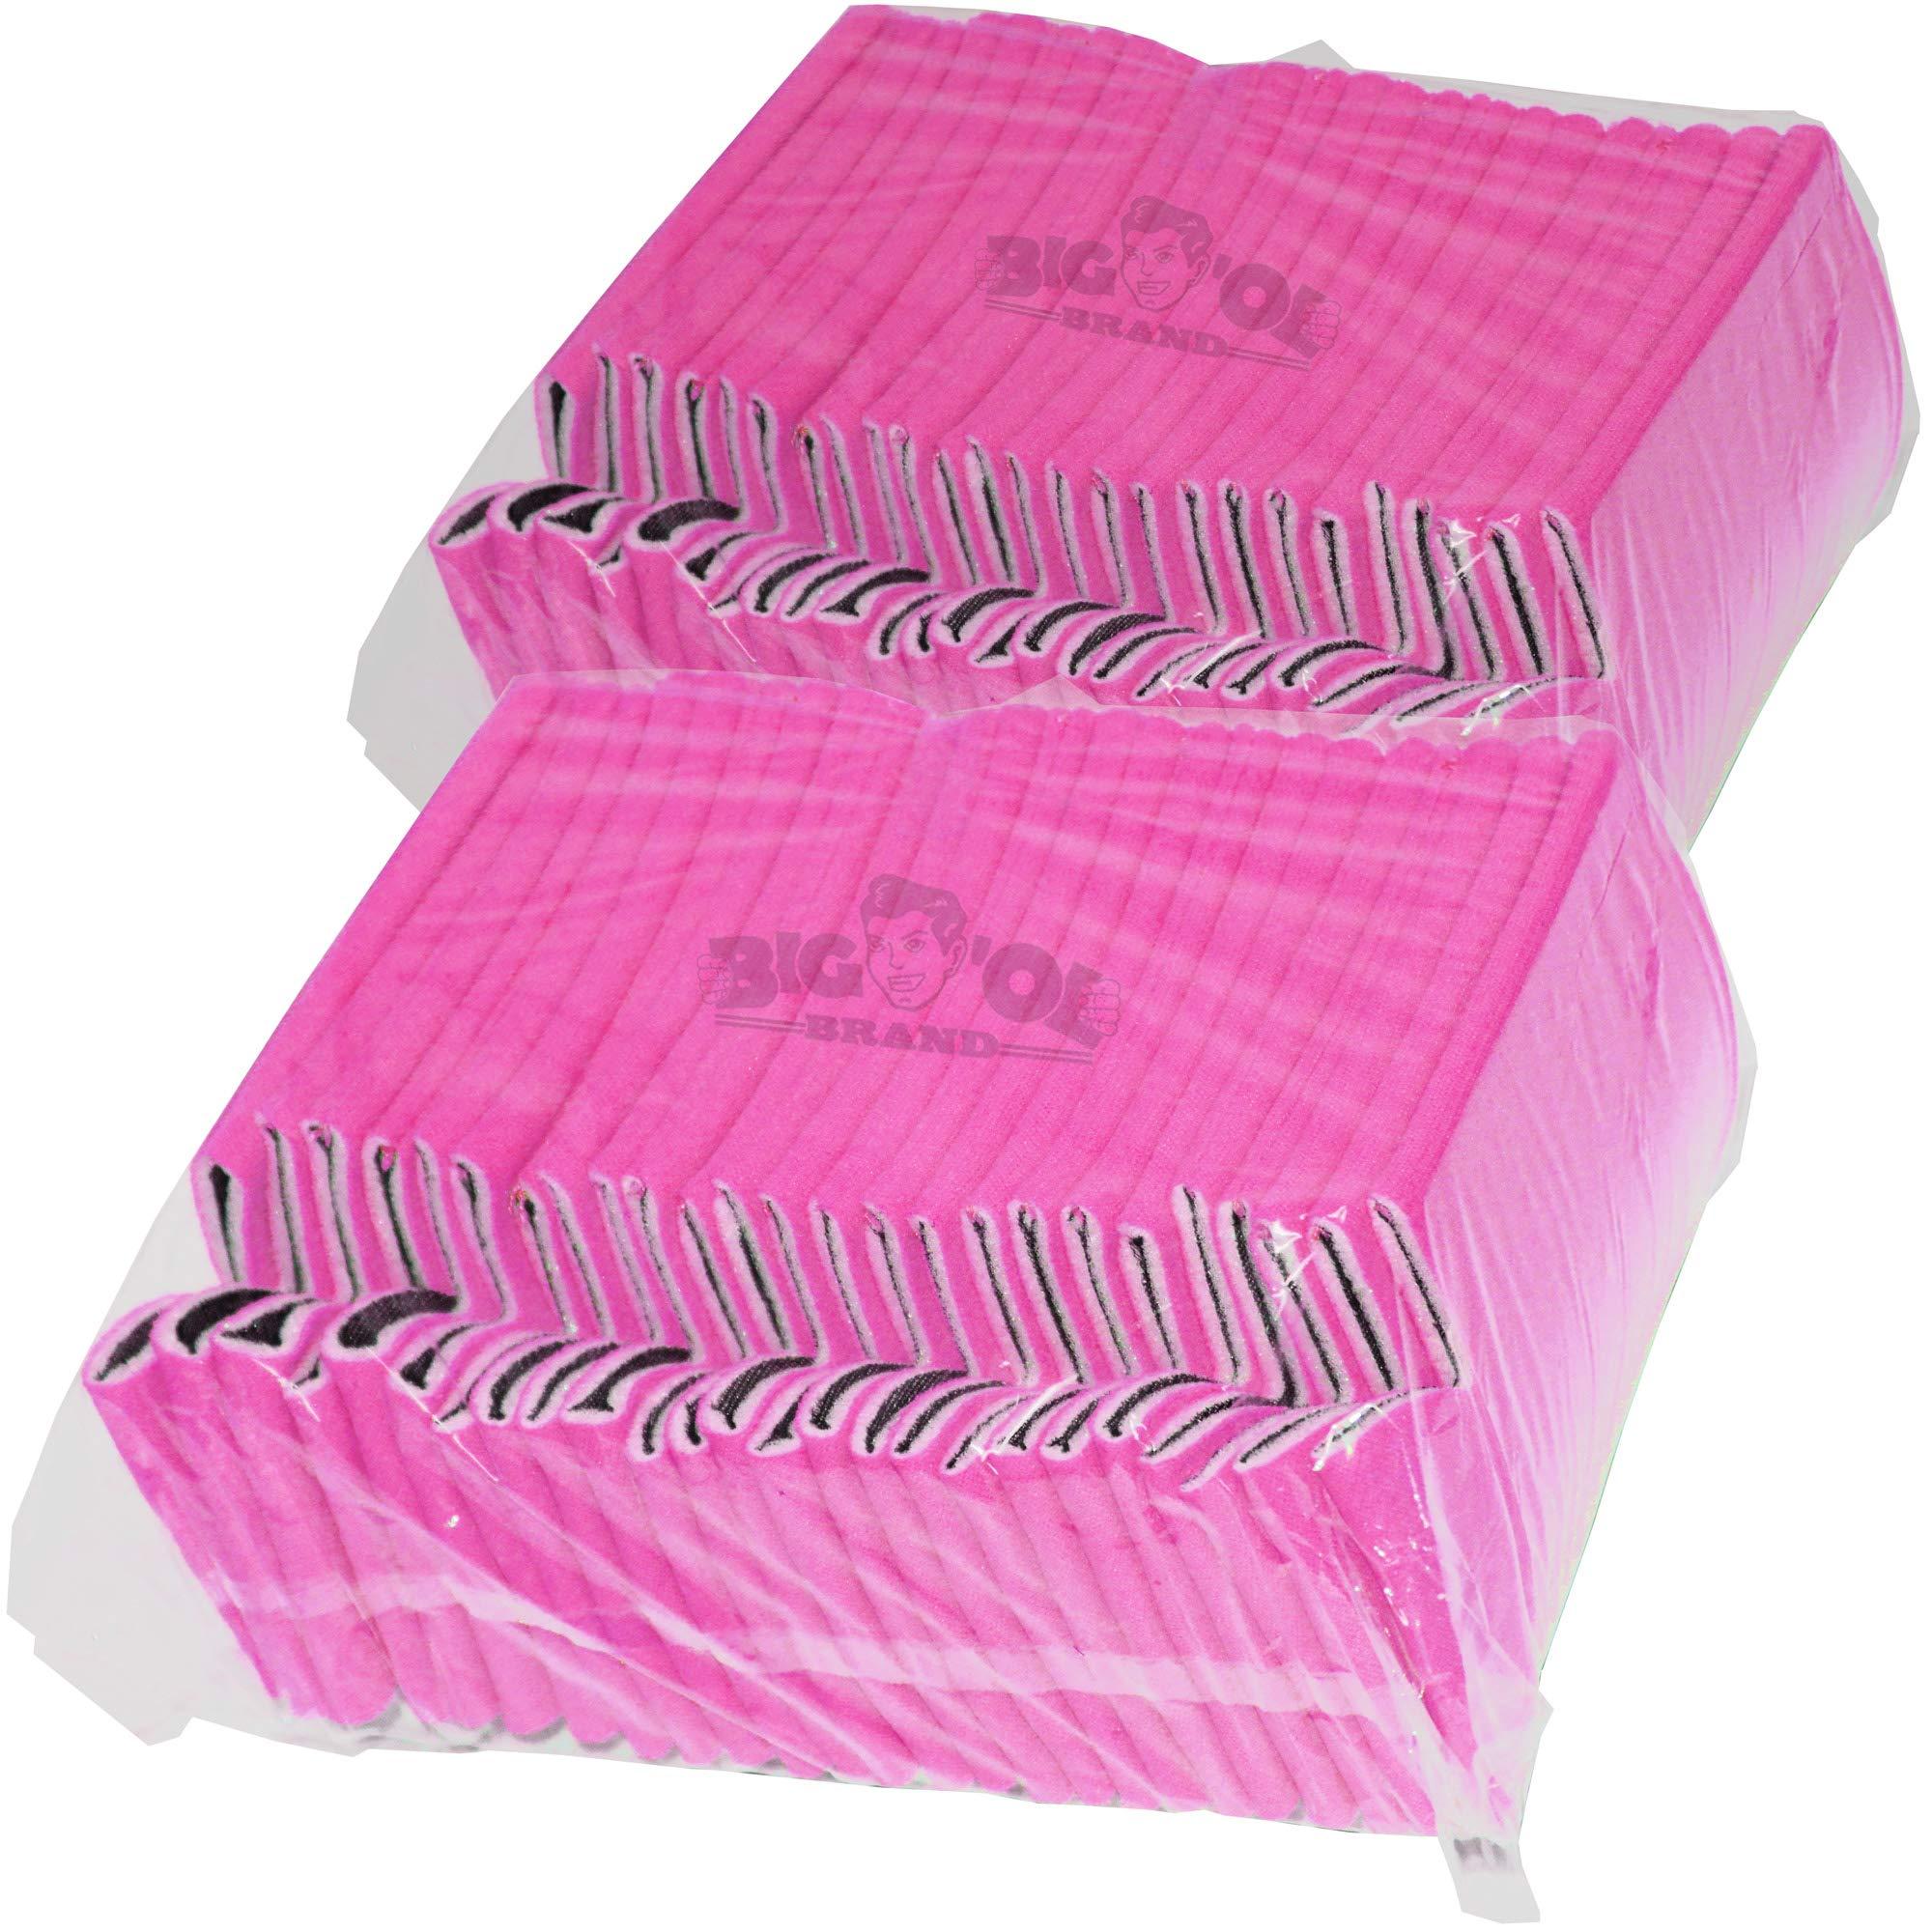 Big Ol' 50 Premium Blank Beverage Coolers (Hot Pink) by Big Ol'